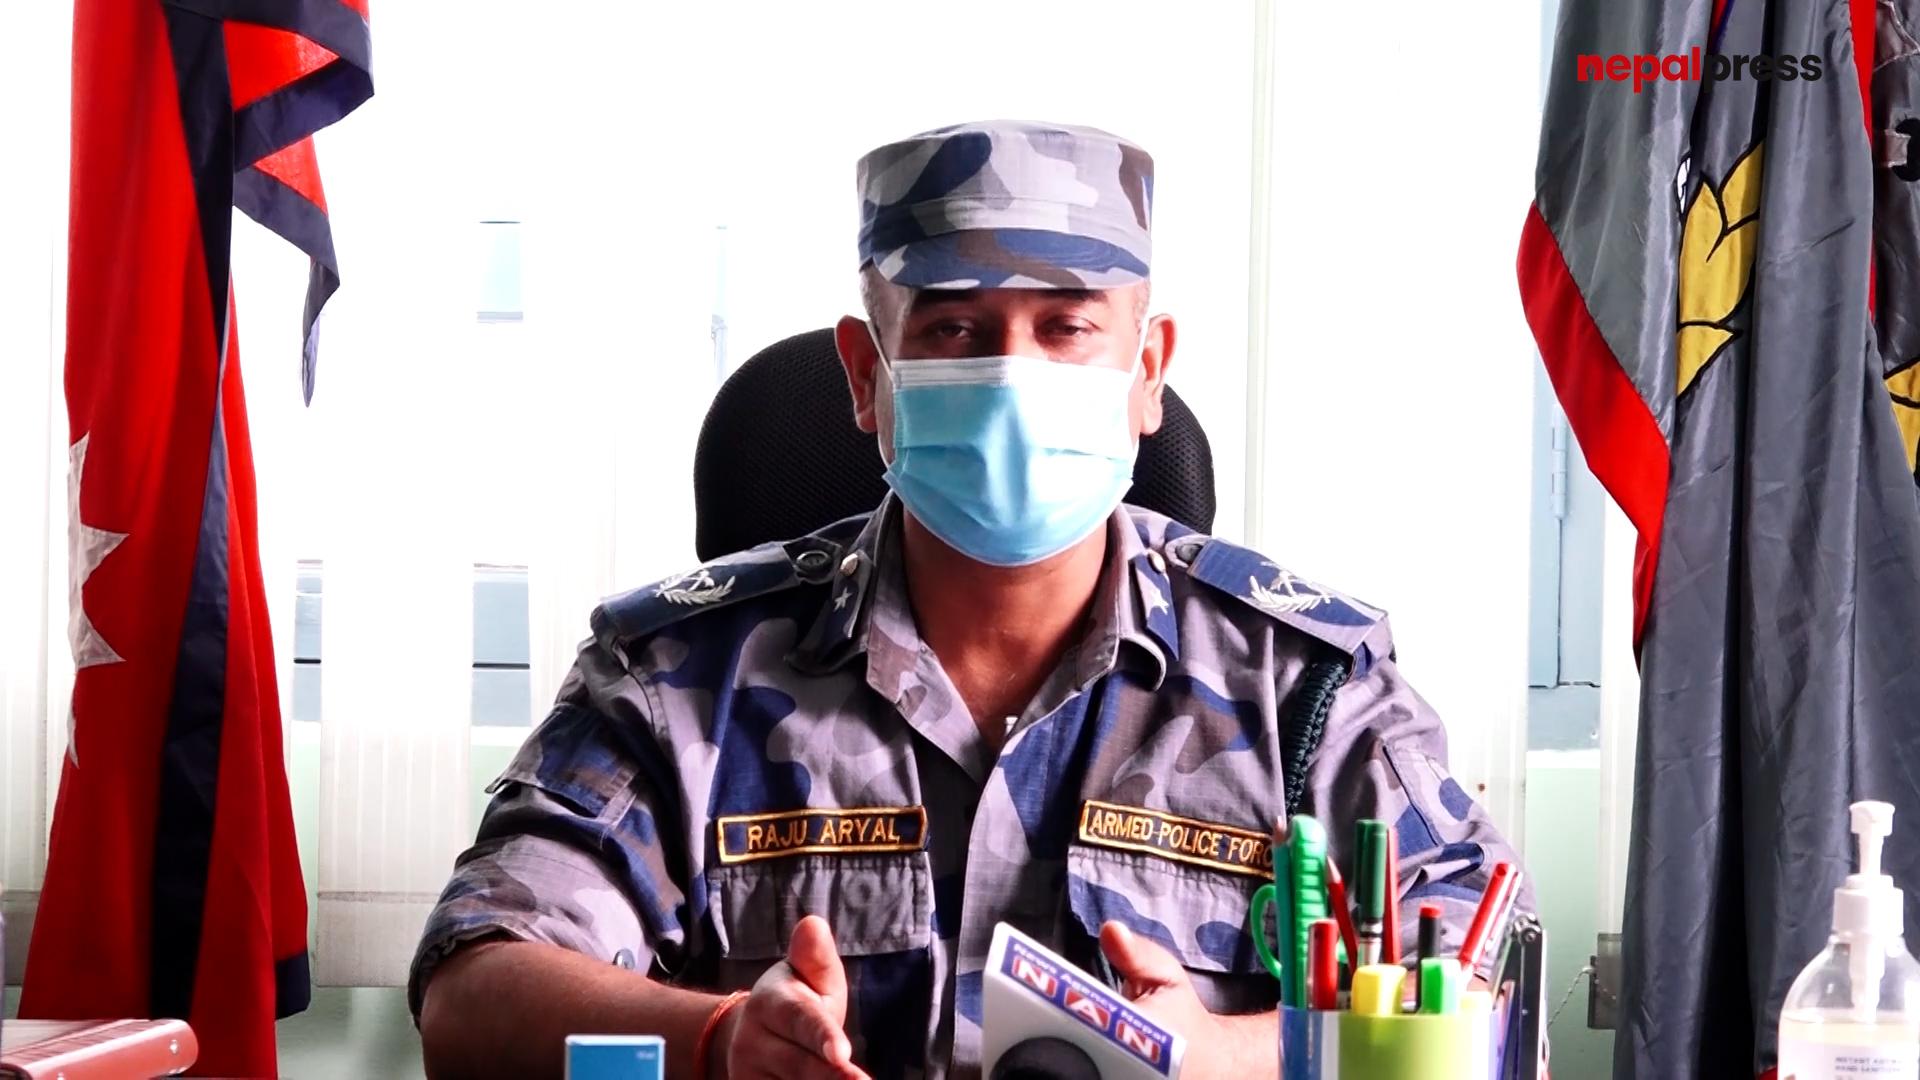 सीमा सुरक्षामा खटिएका सशस्त्र प्रहरी कोरोना संक्रमणको उच्च जोखिममा